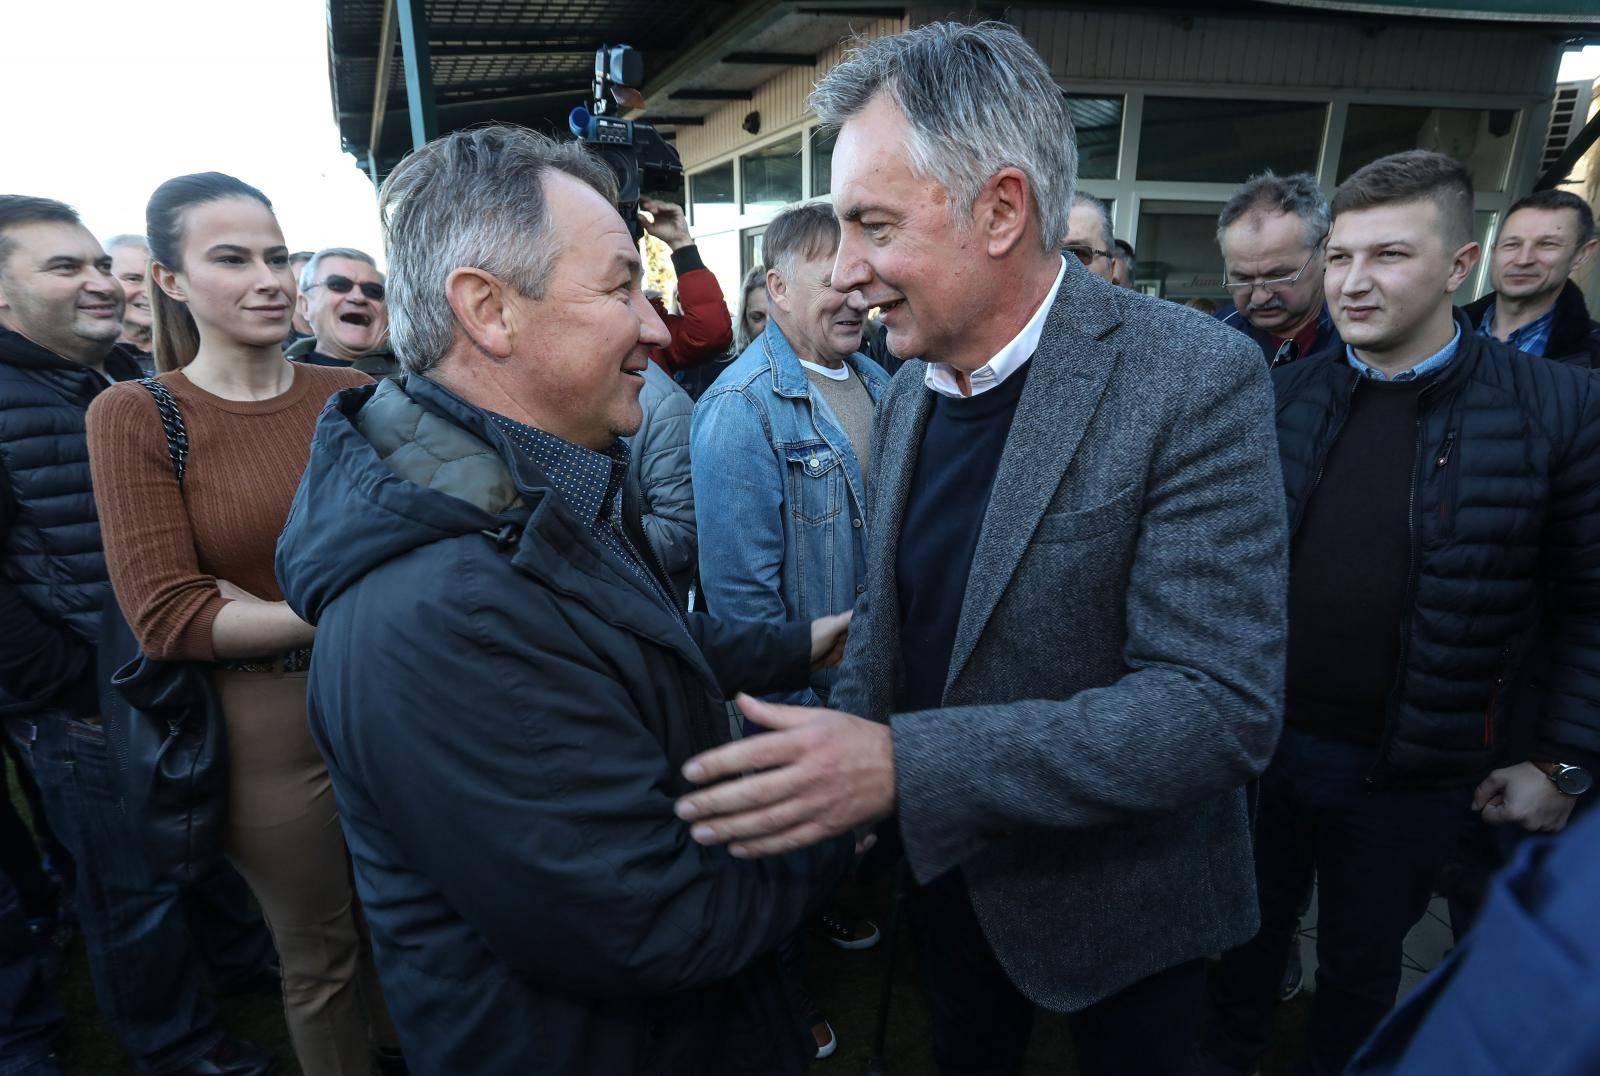 Culej dok kolje prase: 'Napravit ću sve da Milanović ne pobijedi'